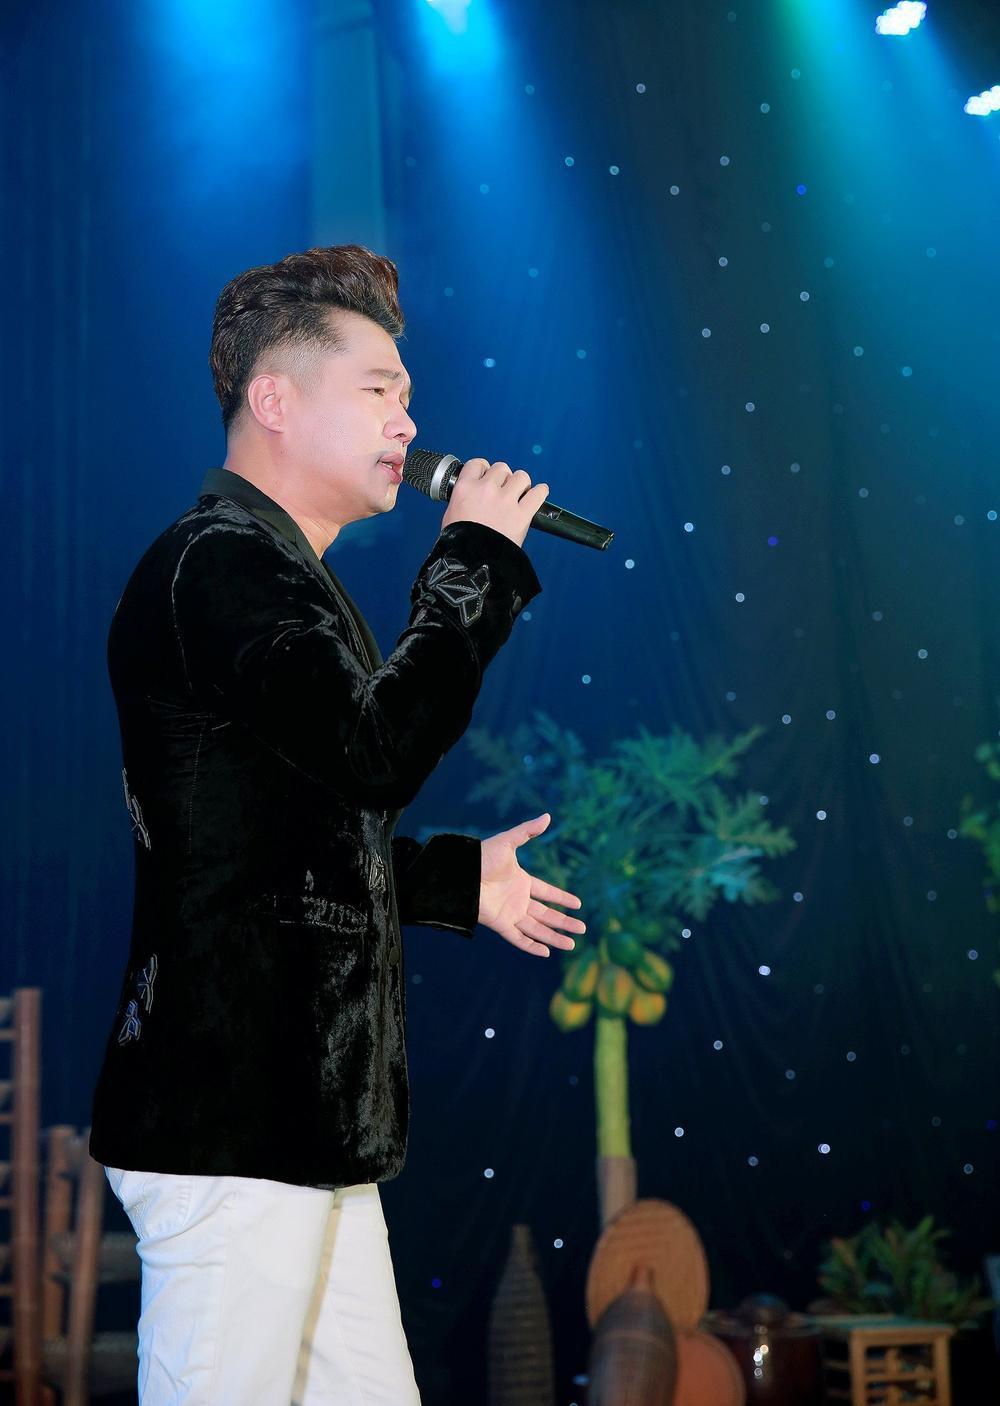 Đêm nhạc gây quỹ cho miền Trung: Dương Triệu Vũ bật khóc, Tiến Linh đấu giá chiếc áo vô địch SEA Games Ảnh 5